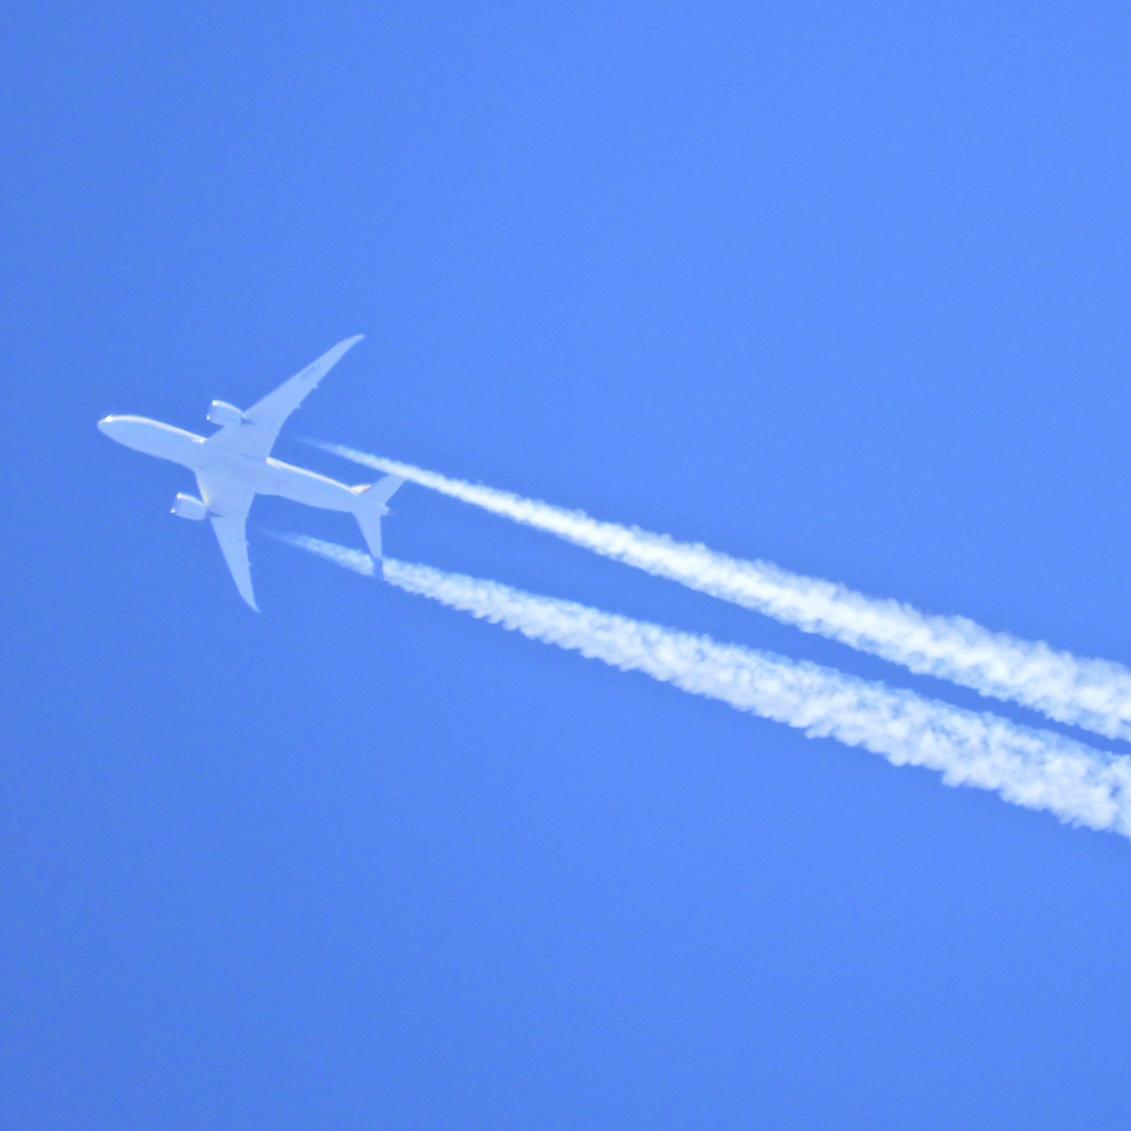 空を飛ぶ飛行機の写真